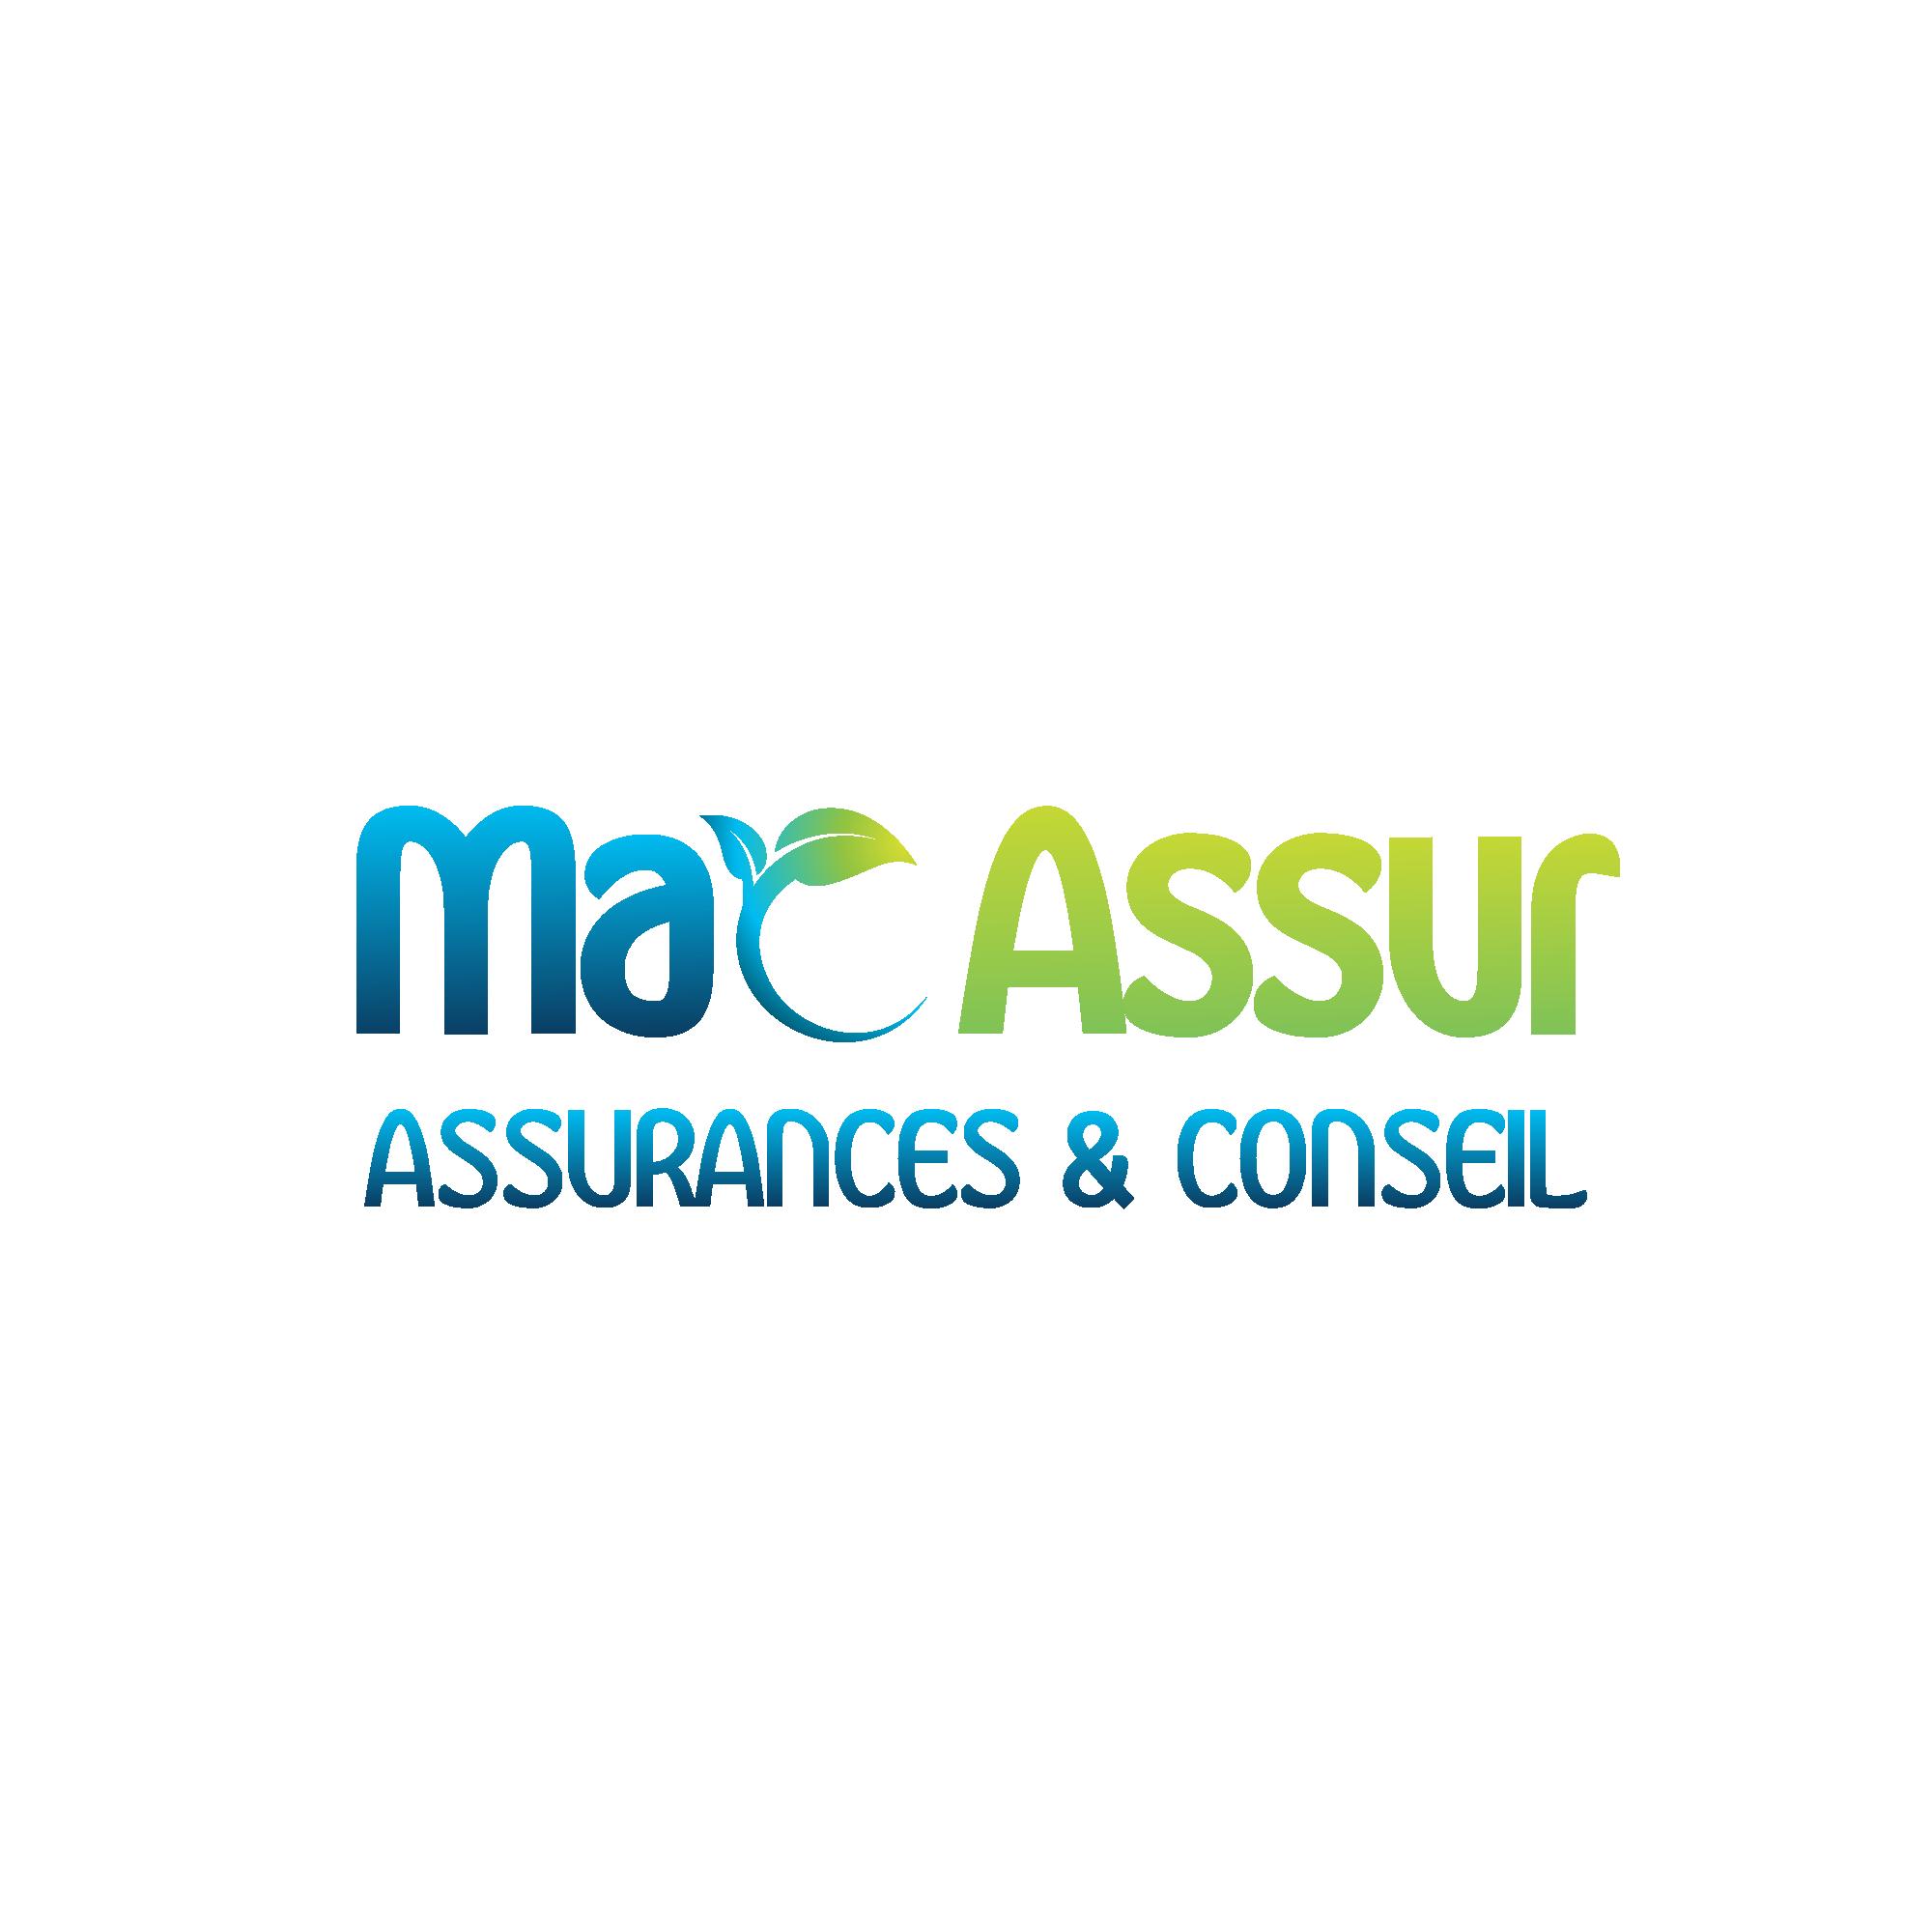 Macassur